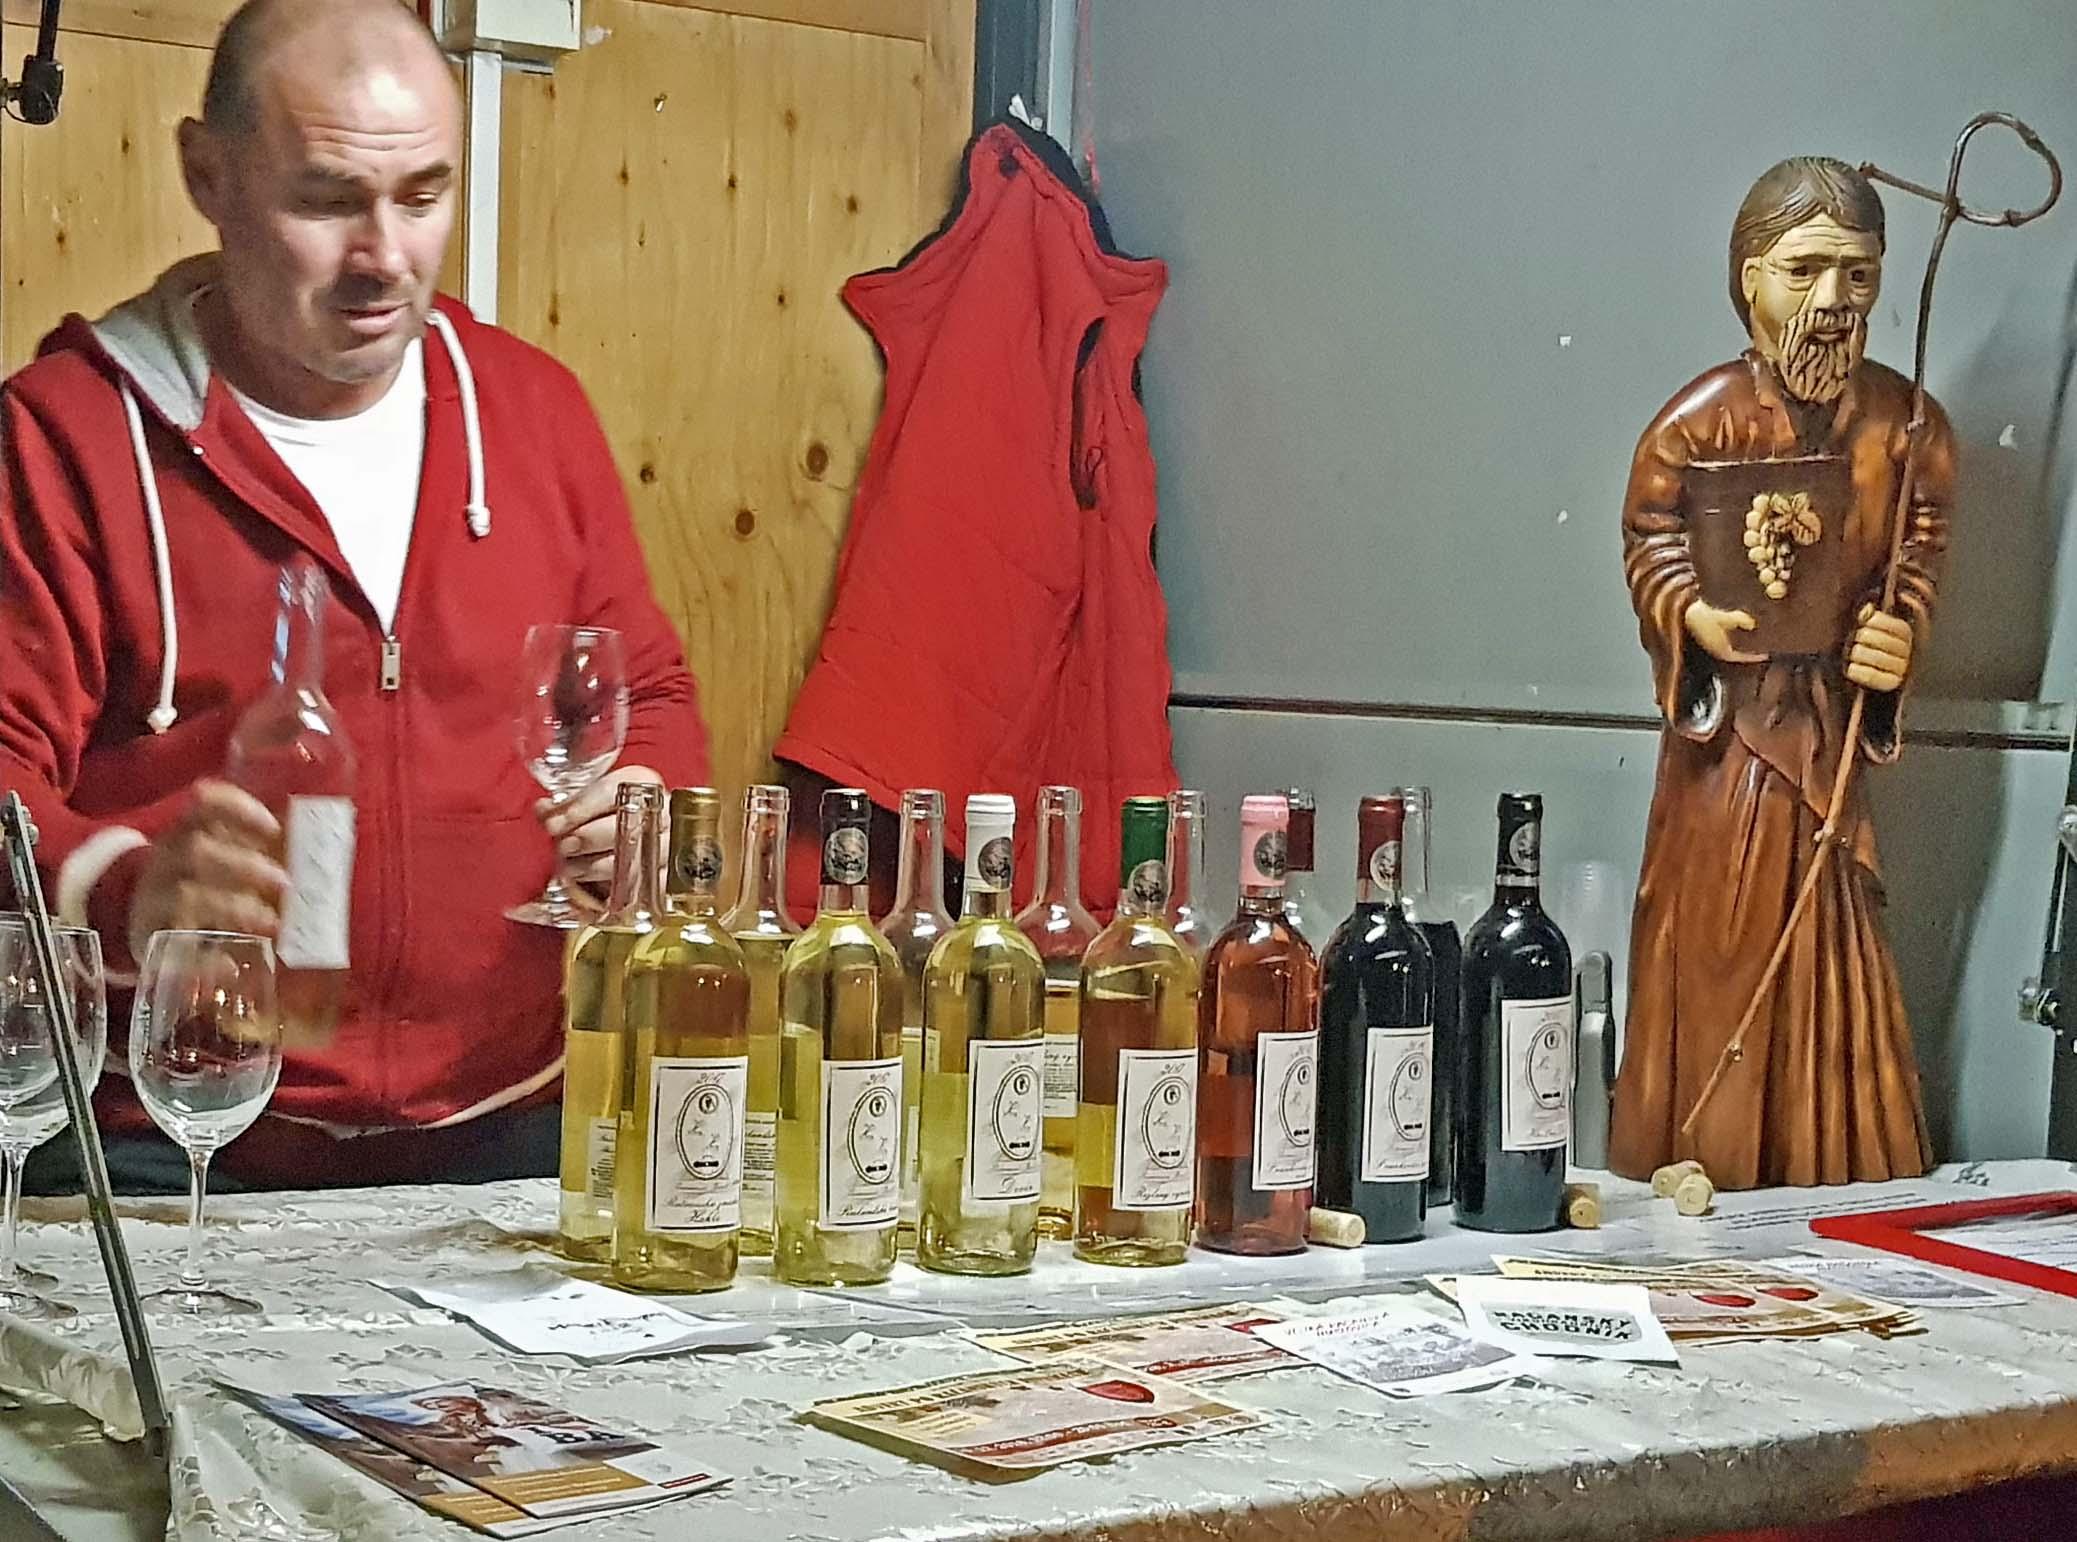 wine seller Slovakia Bratislava Christmas market